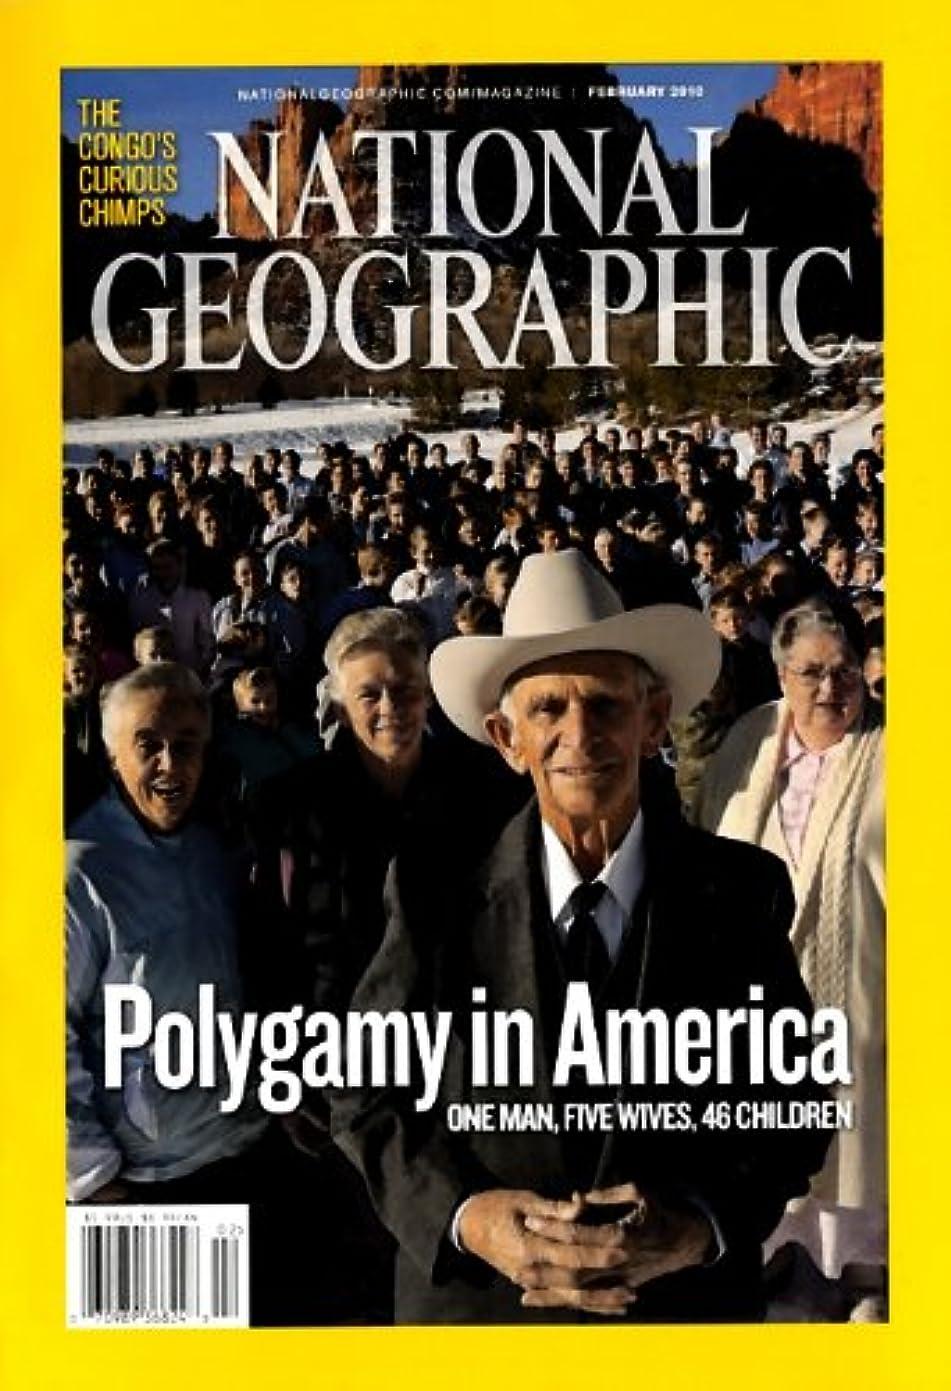 増強たくさんの必須National Geographic [US] February 2010 (単号)